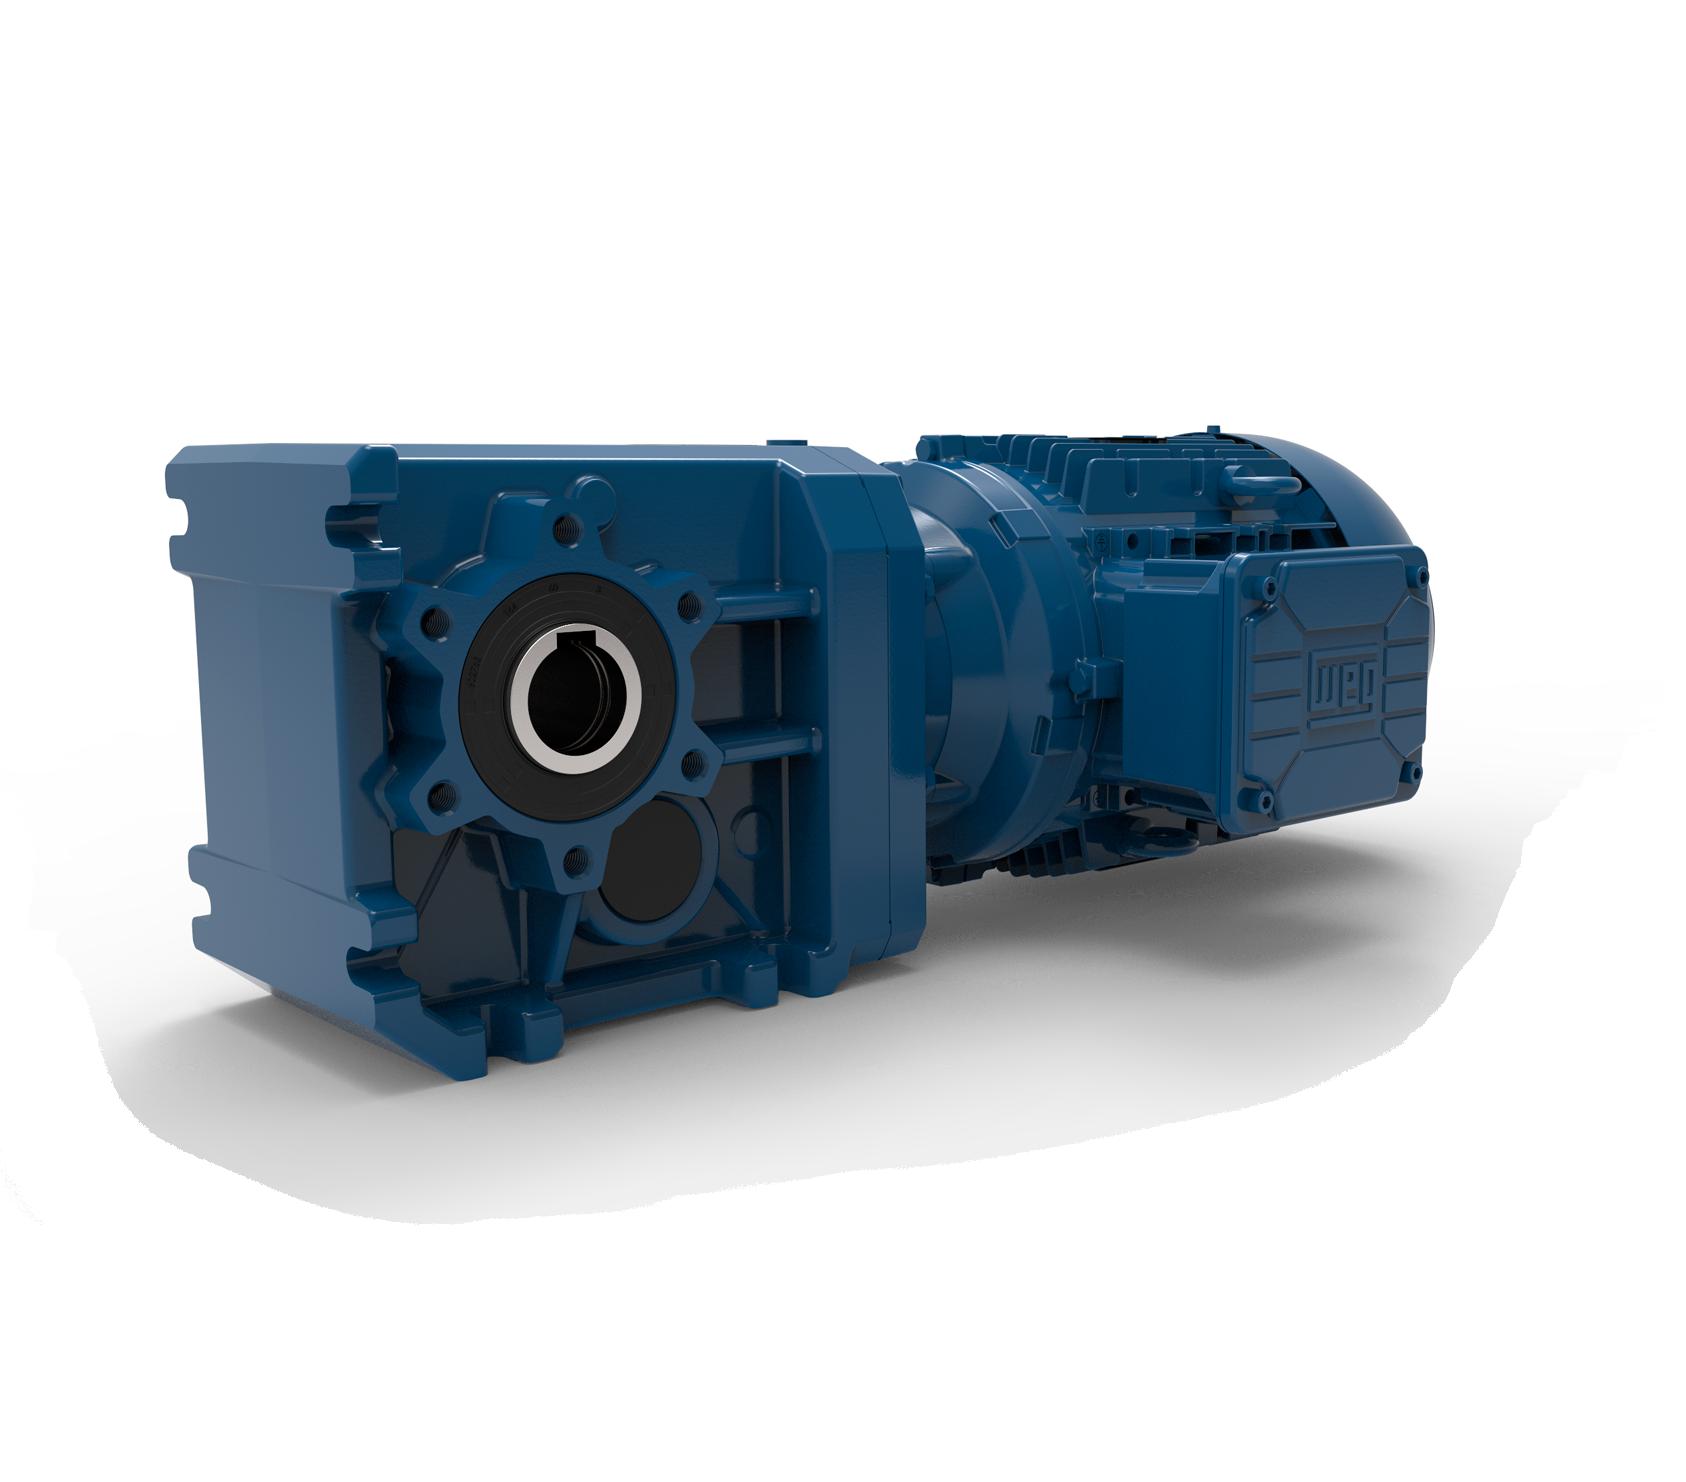 Weg motor sizes for Weg severe duty motor